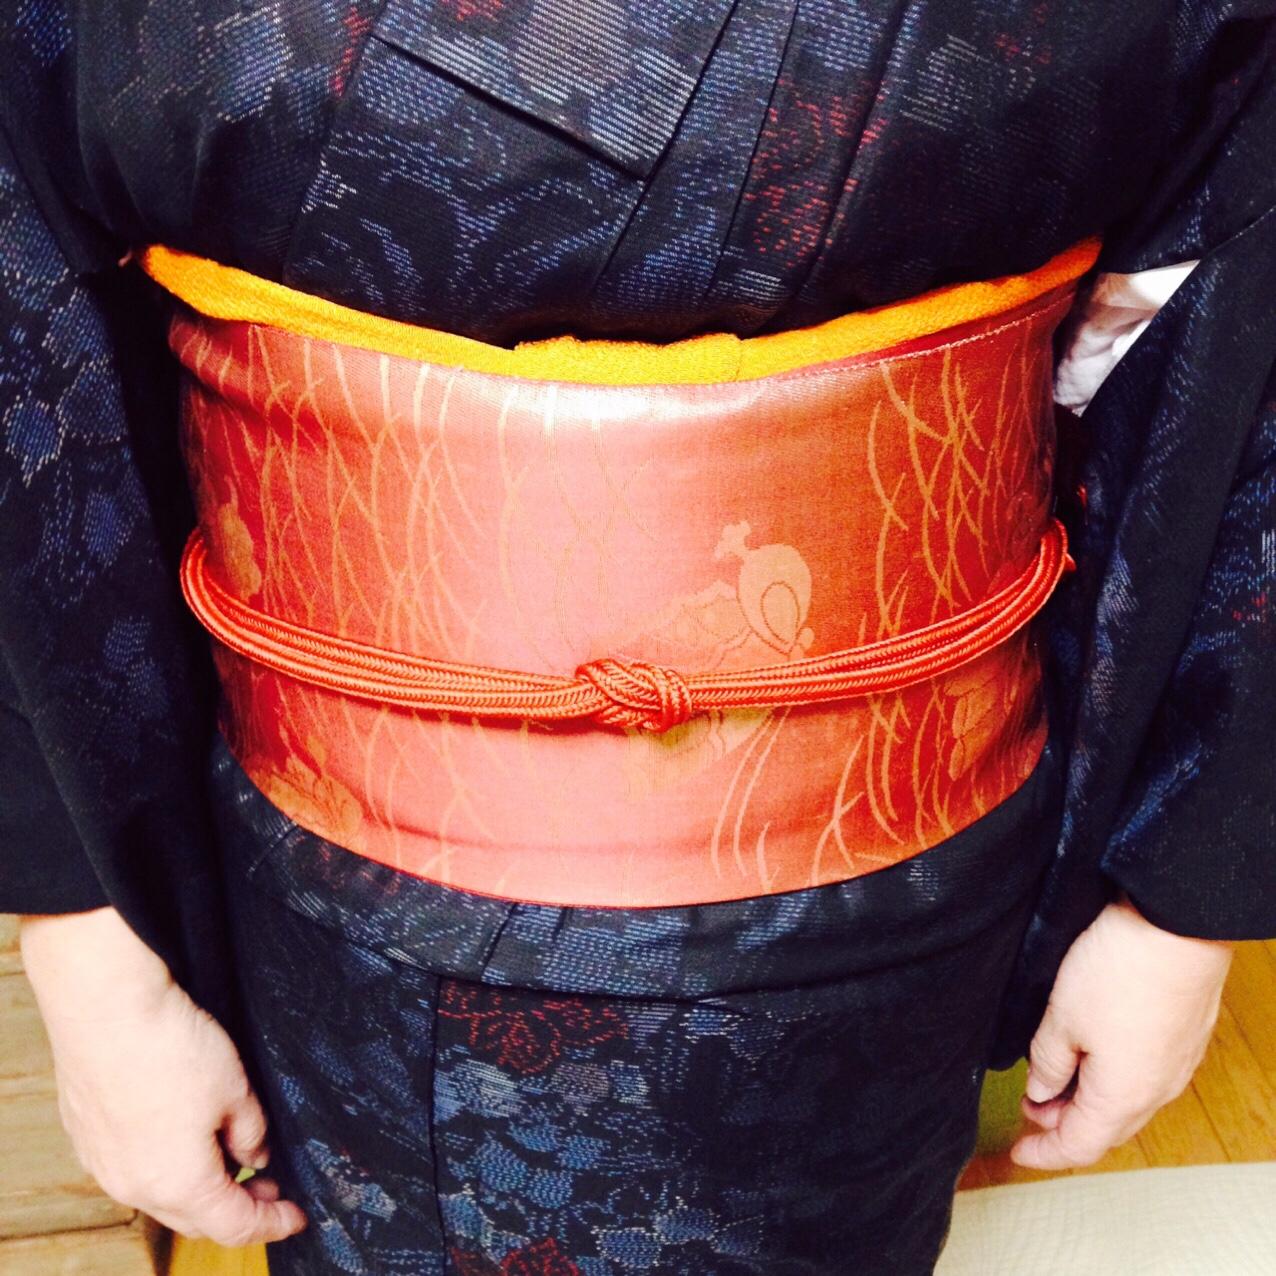 帯揚げが見えにくい方にはふっくら帯揚げを【大阪京橋の着付け教室きものたまより】